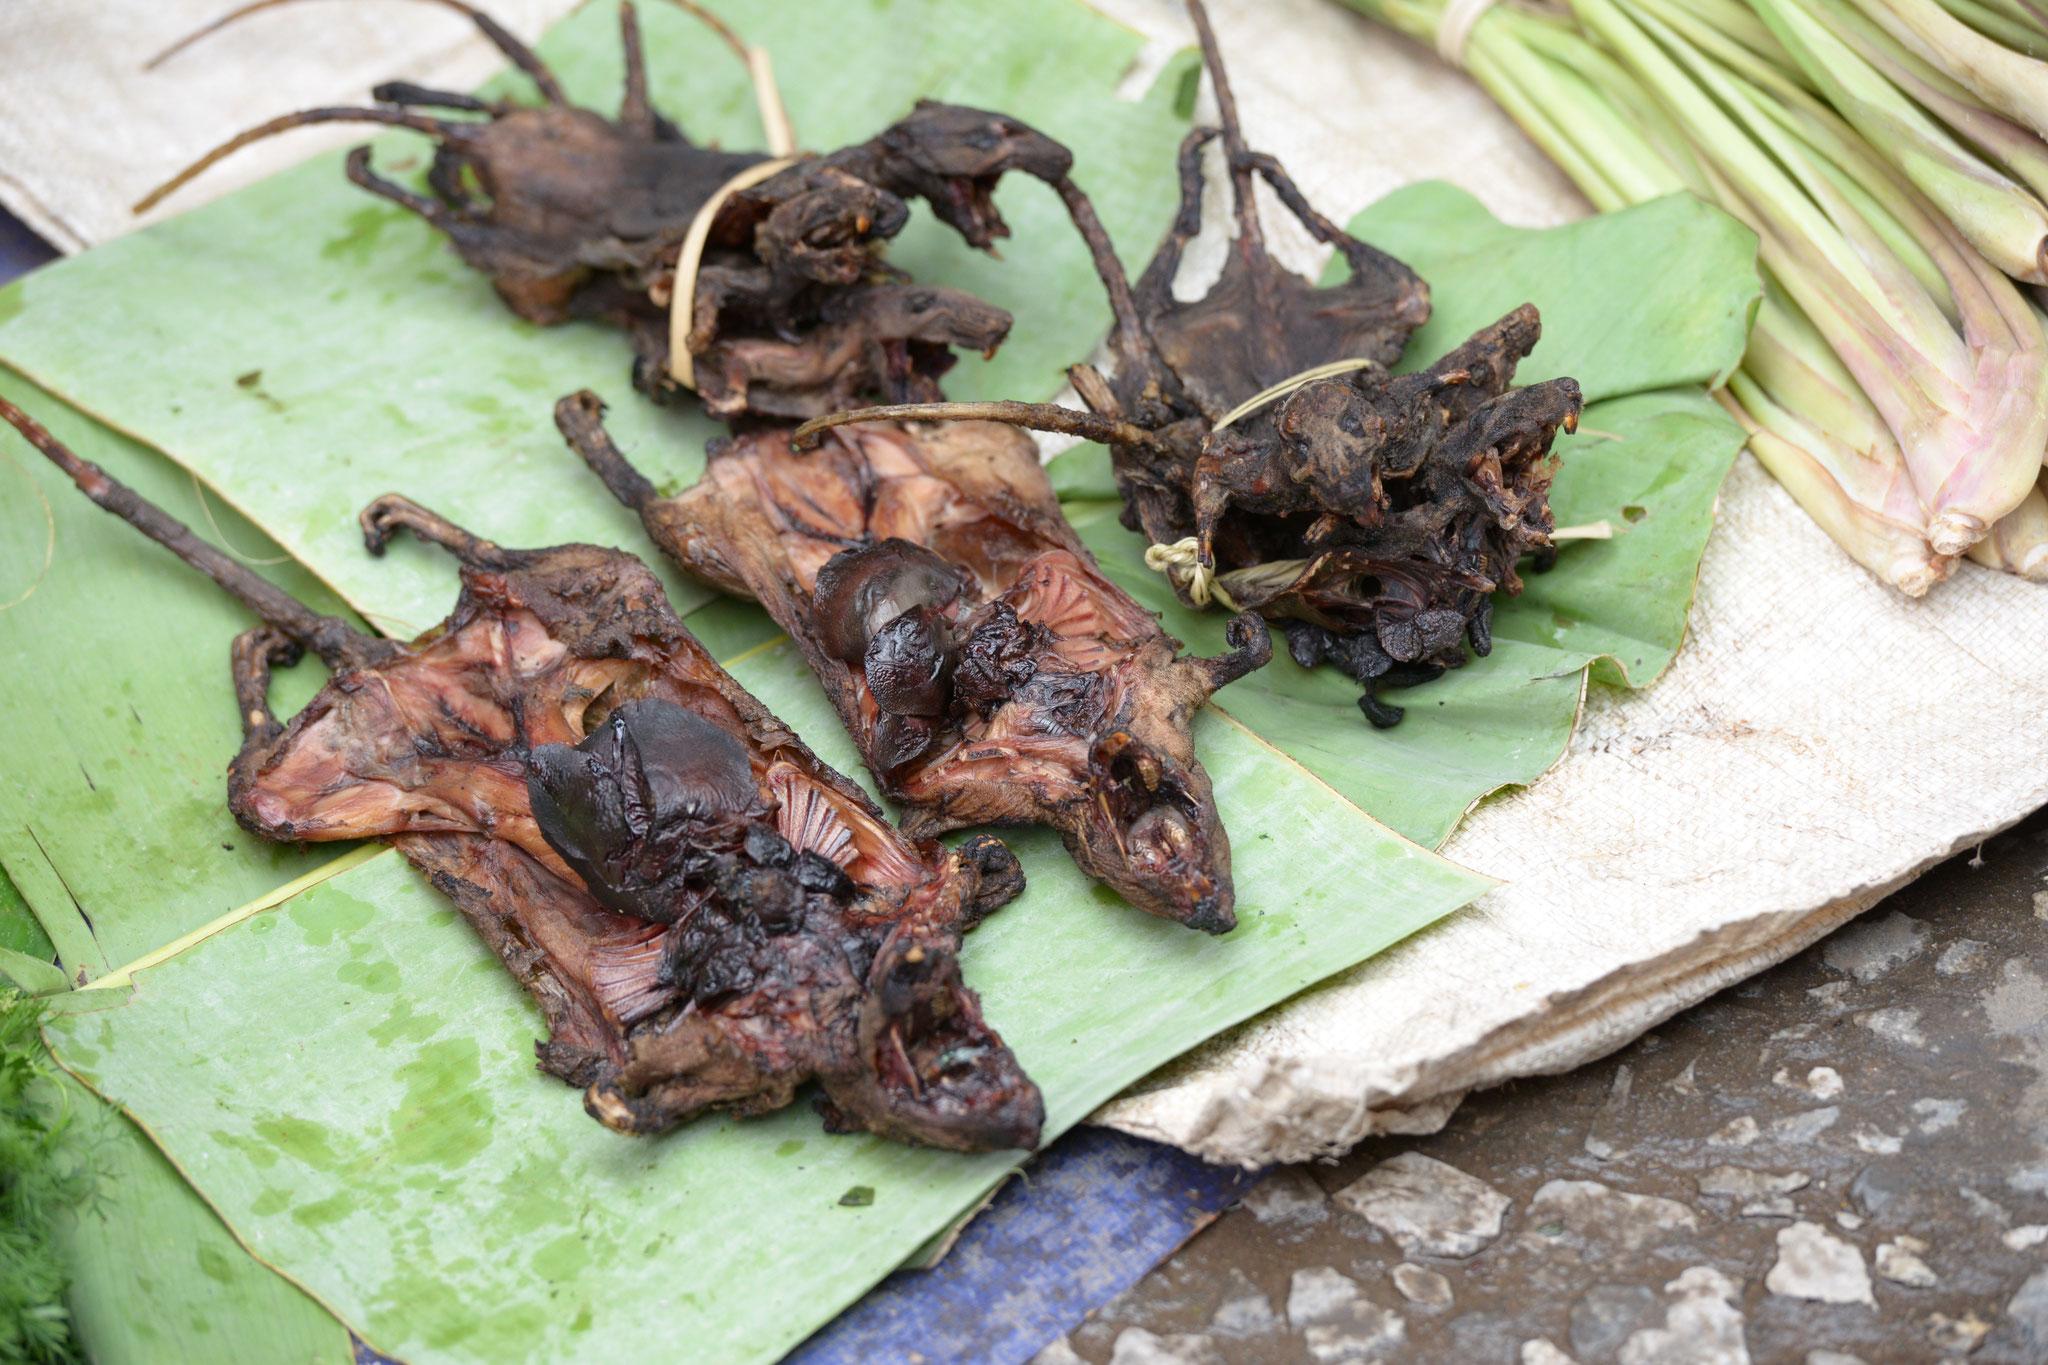 ... und grillierte Ratten